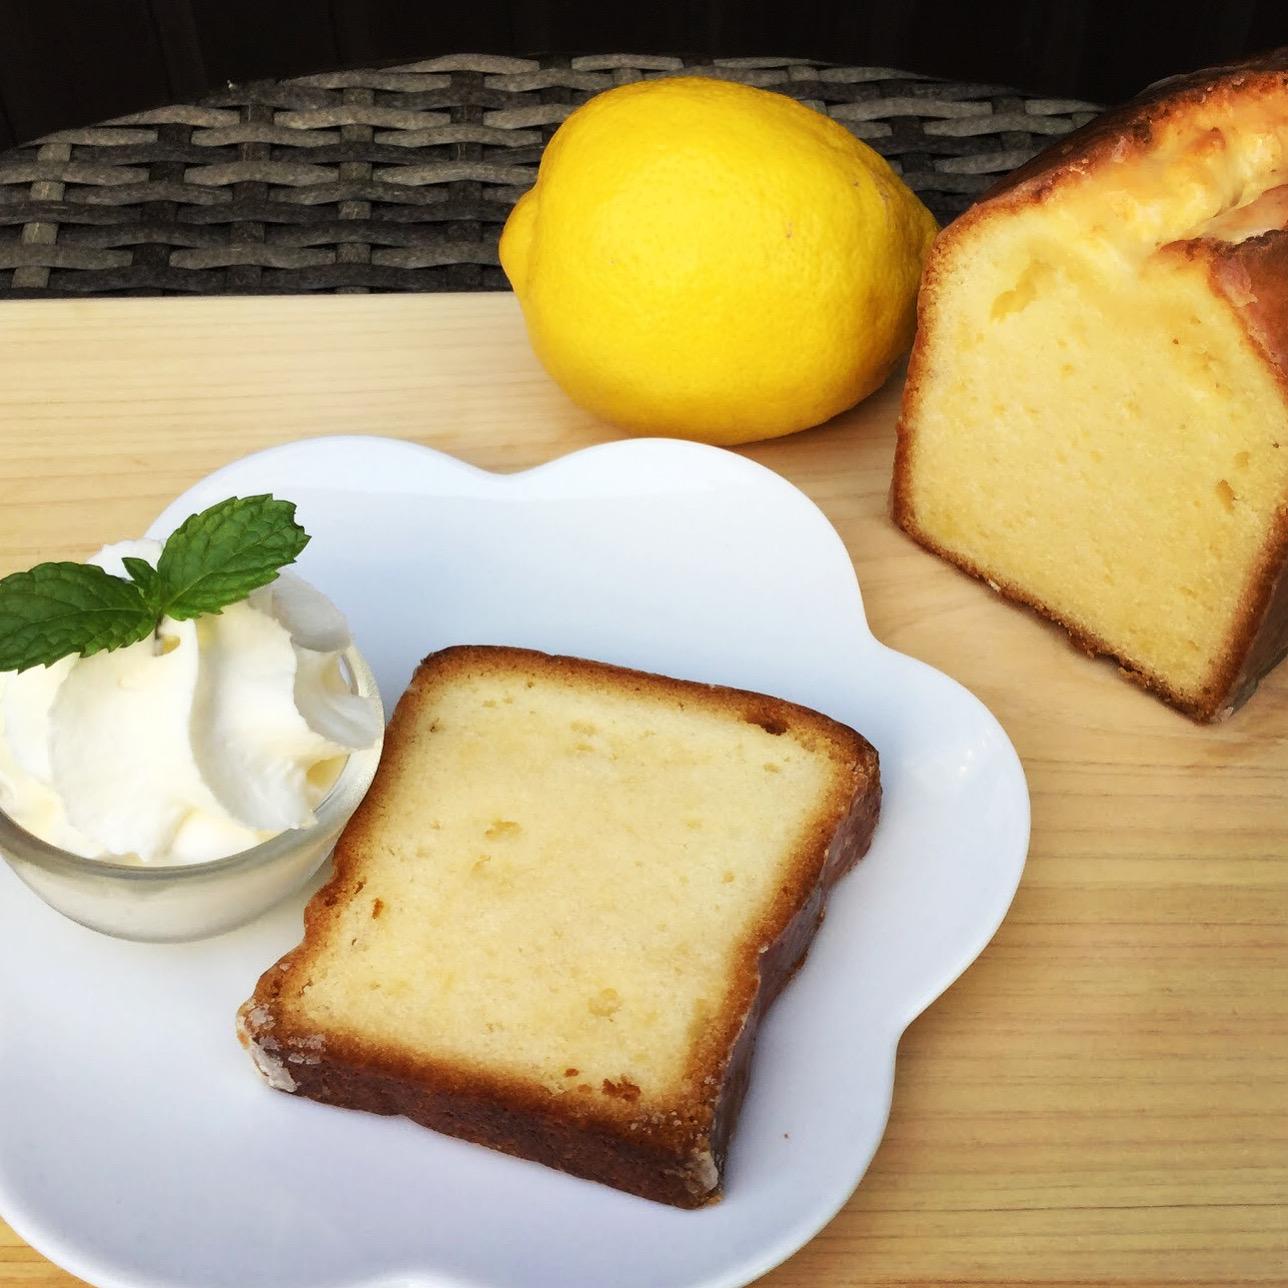 <p>こんばんは! 今日もとっても良いお天気でした! 少し汗ばむくらい🌞💦 少しずつ日差しの眩しい日が増えてきて さっぱりしたものが恋しくなる季節に…. 今年もレモンケーキ始めます🍋 瀬戸内海に浮かぶ大三島。 そこで穫れた無農薬の島レモンを ふんだんに使用し造られたリモンチェッロを 贅沢に使い焼き上げました! シャリっとアイシングの食感と口どけ […]</p>